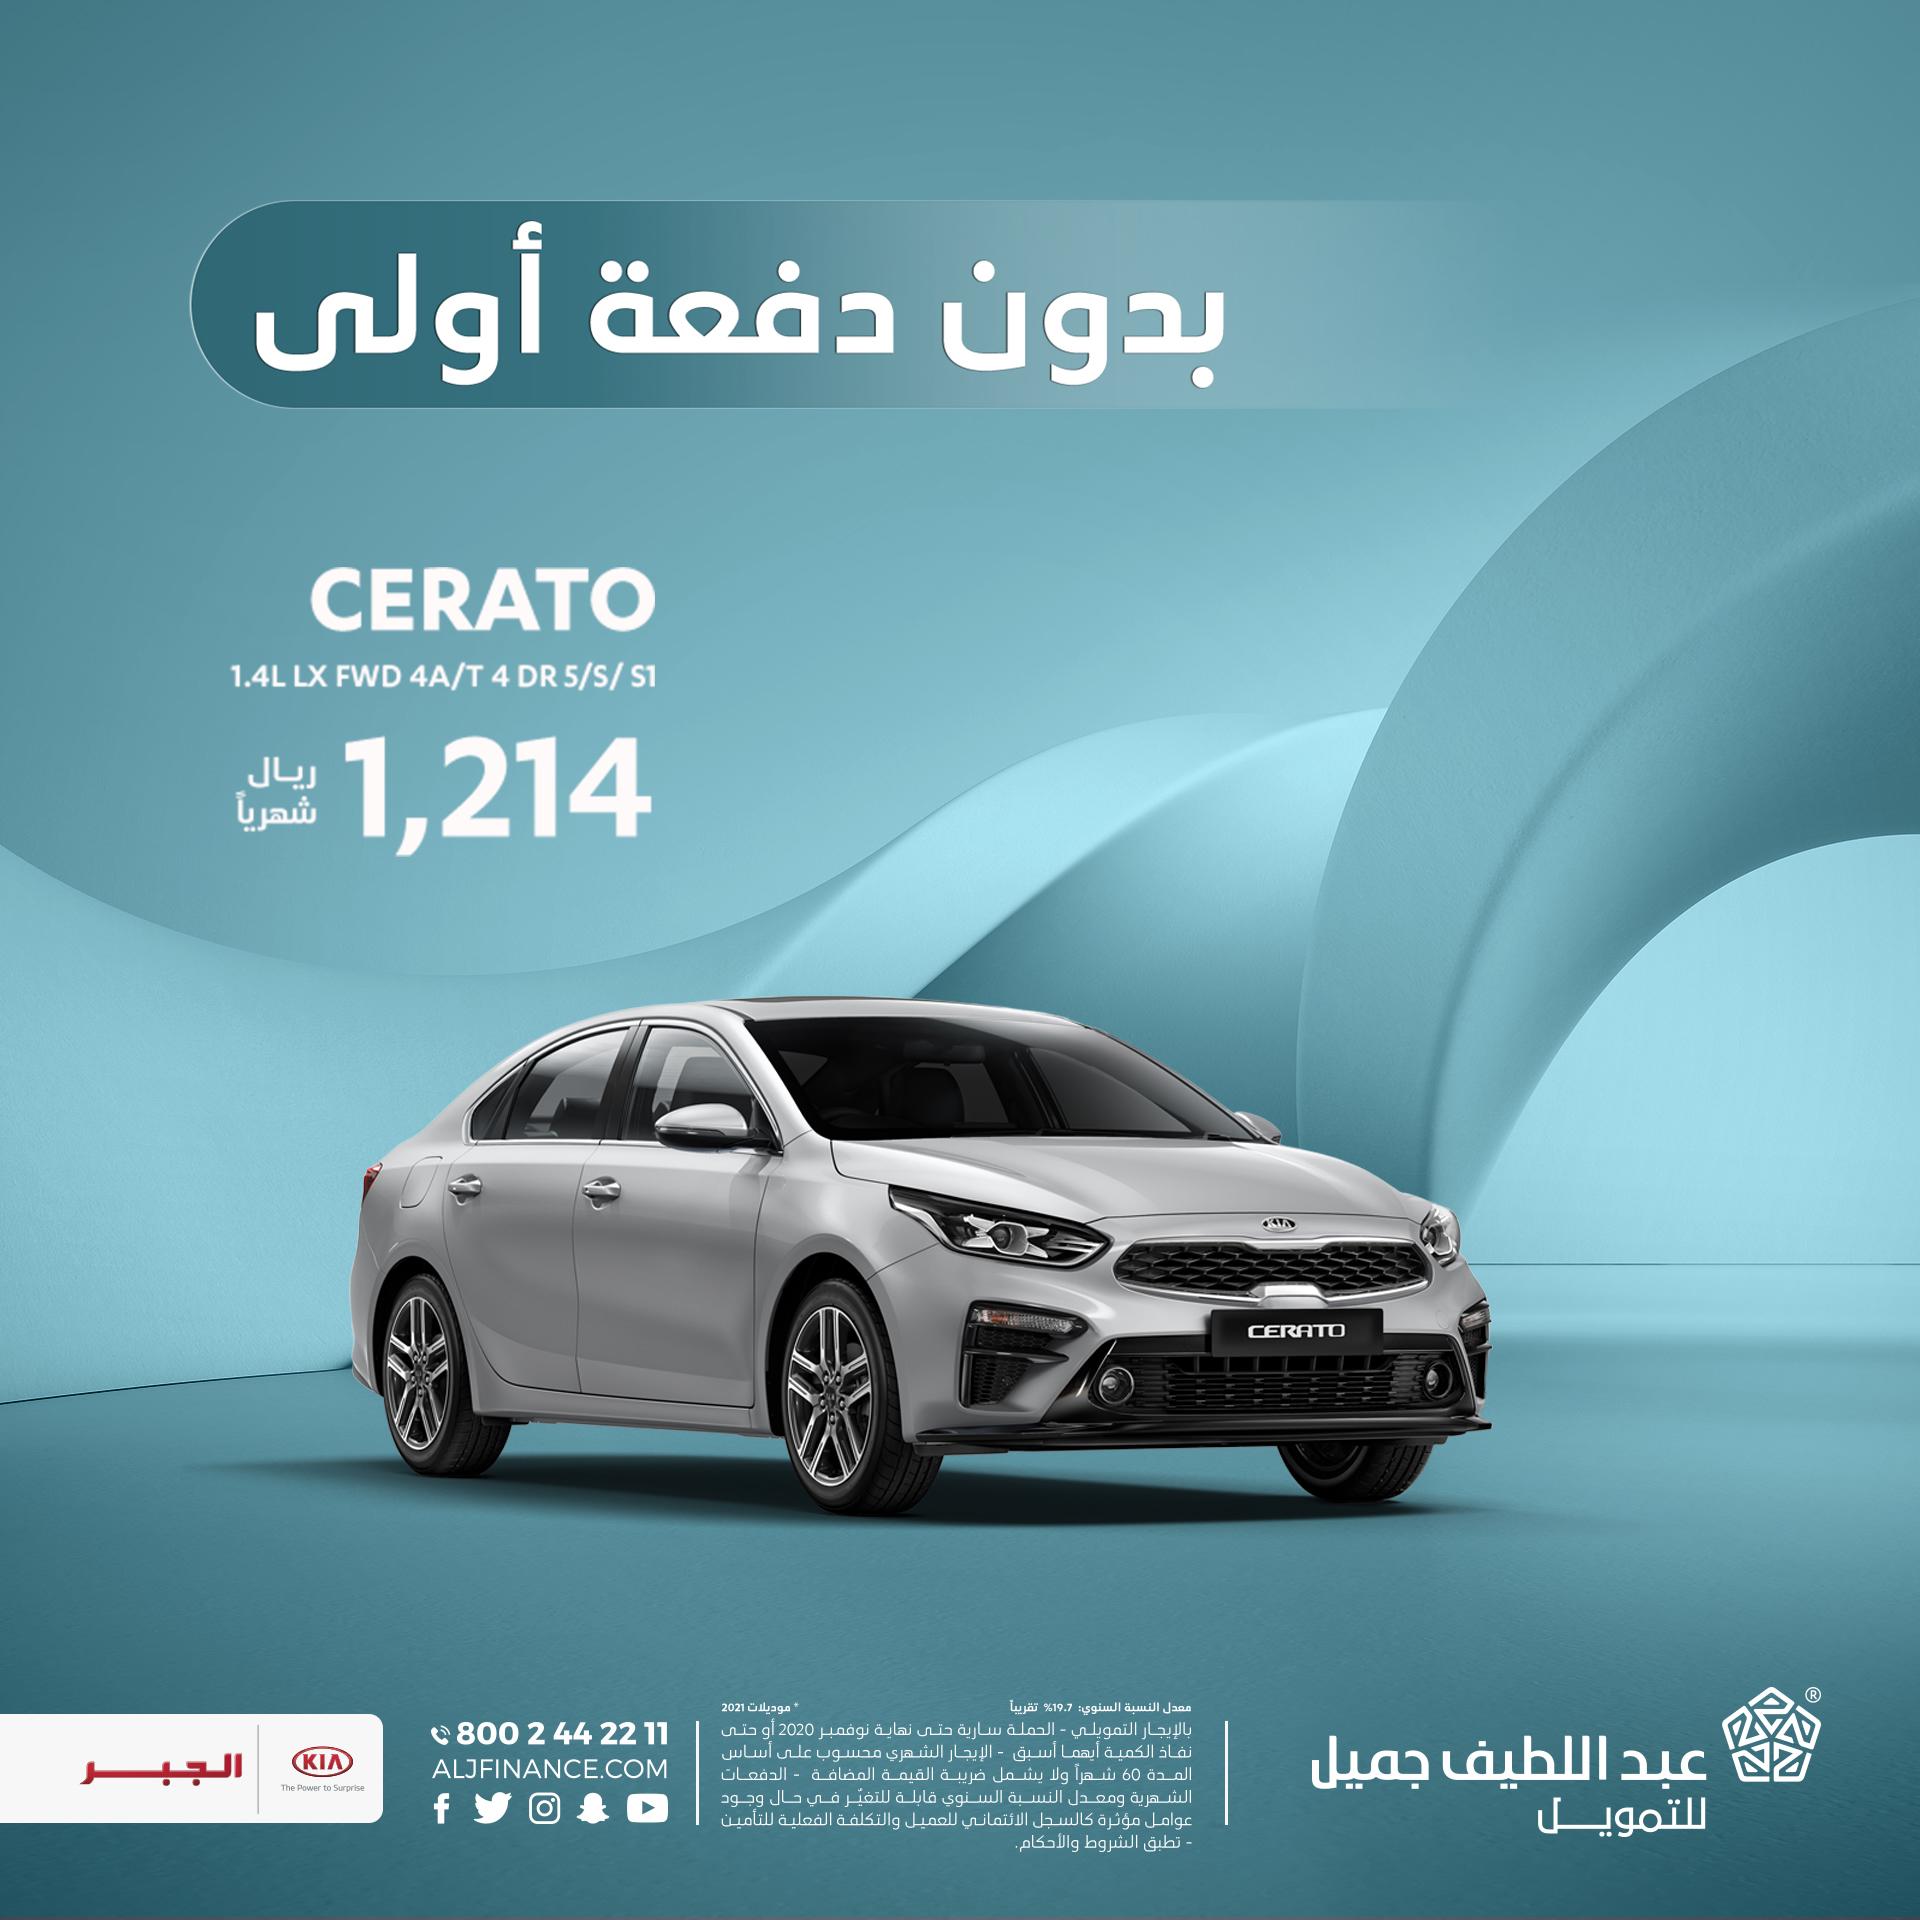 عروض السيارات عروض عبداللطيف جميل علي سيارات كيا 2021 لشهر نوفمبر عروض اليوم Kia Car Fwd